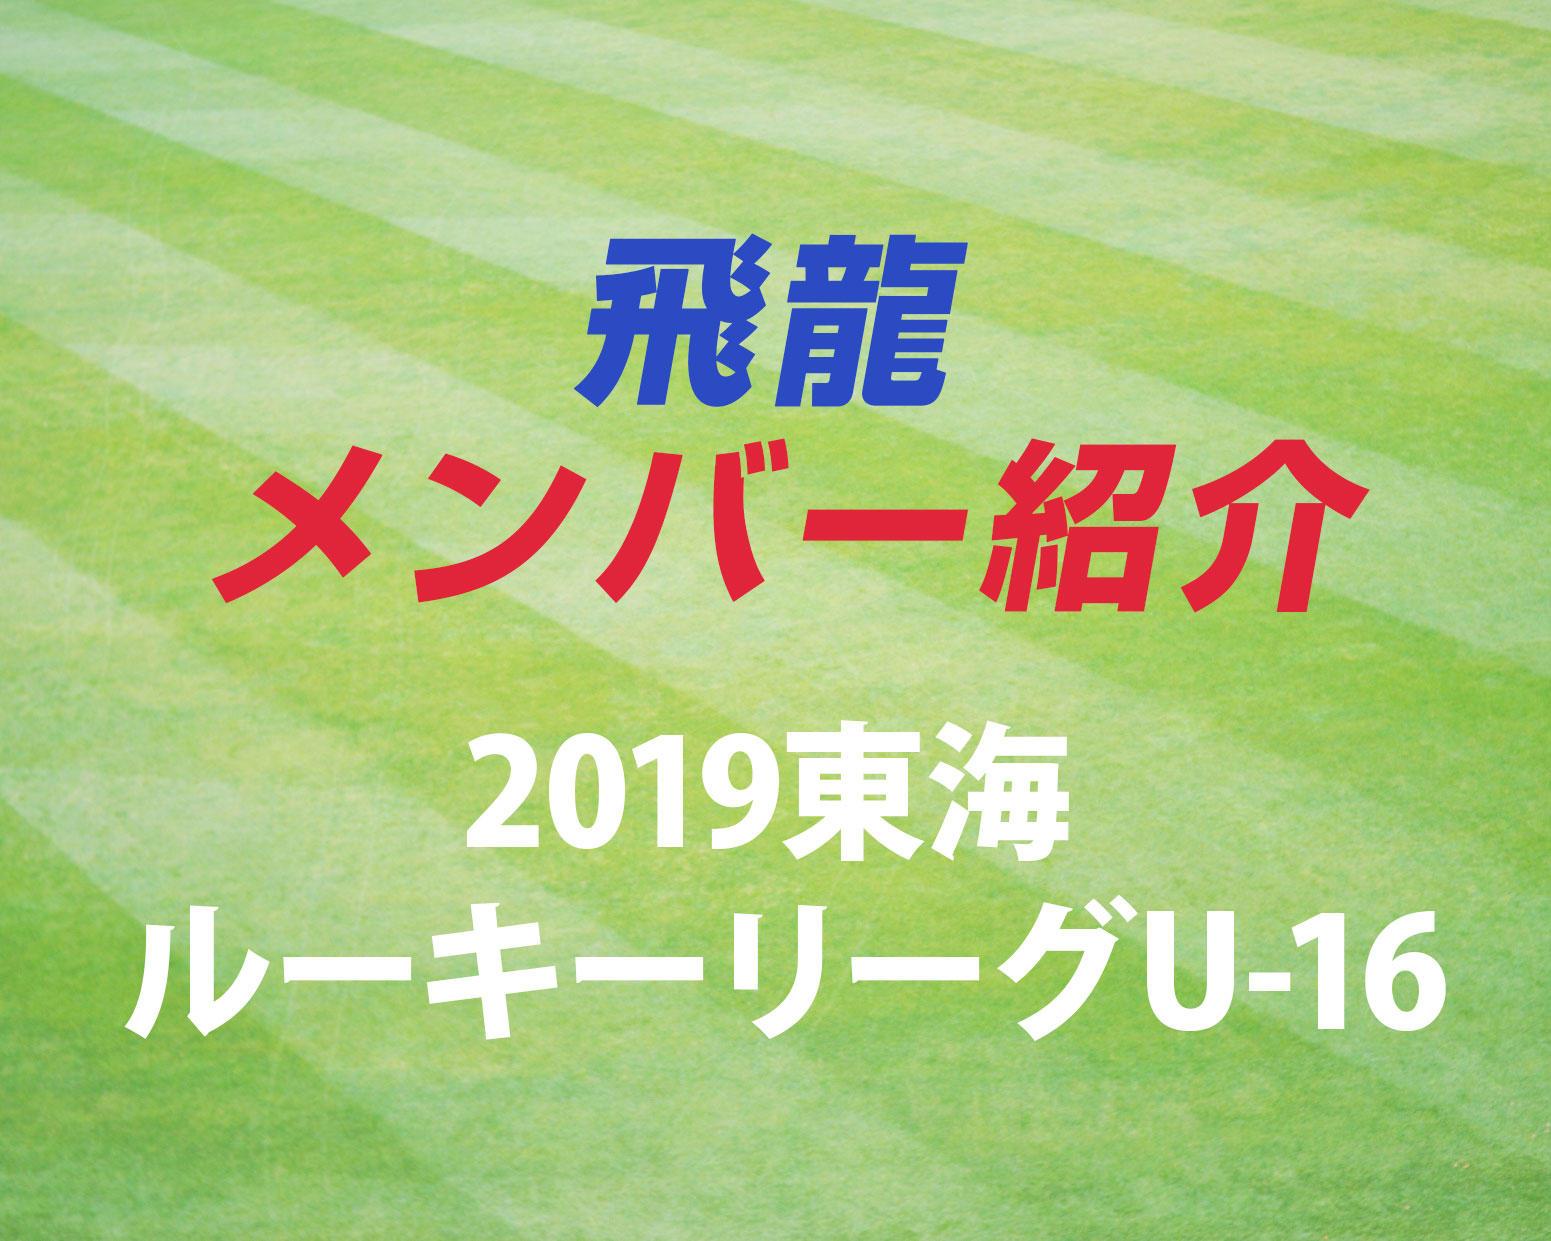 静岡の強豪・飛龍高校サッカー部のメンバー紹介!(2019 東海ルーキーリーグU-16)